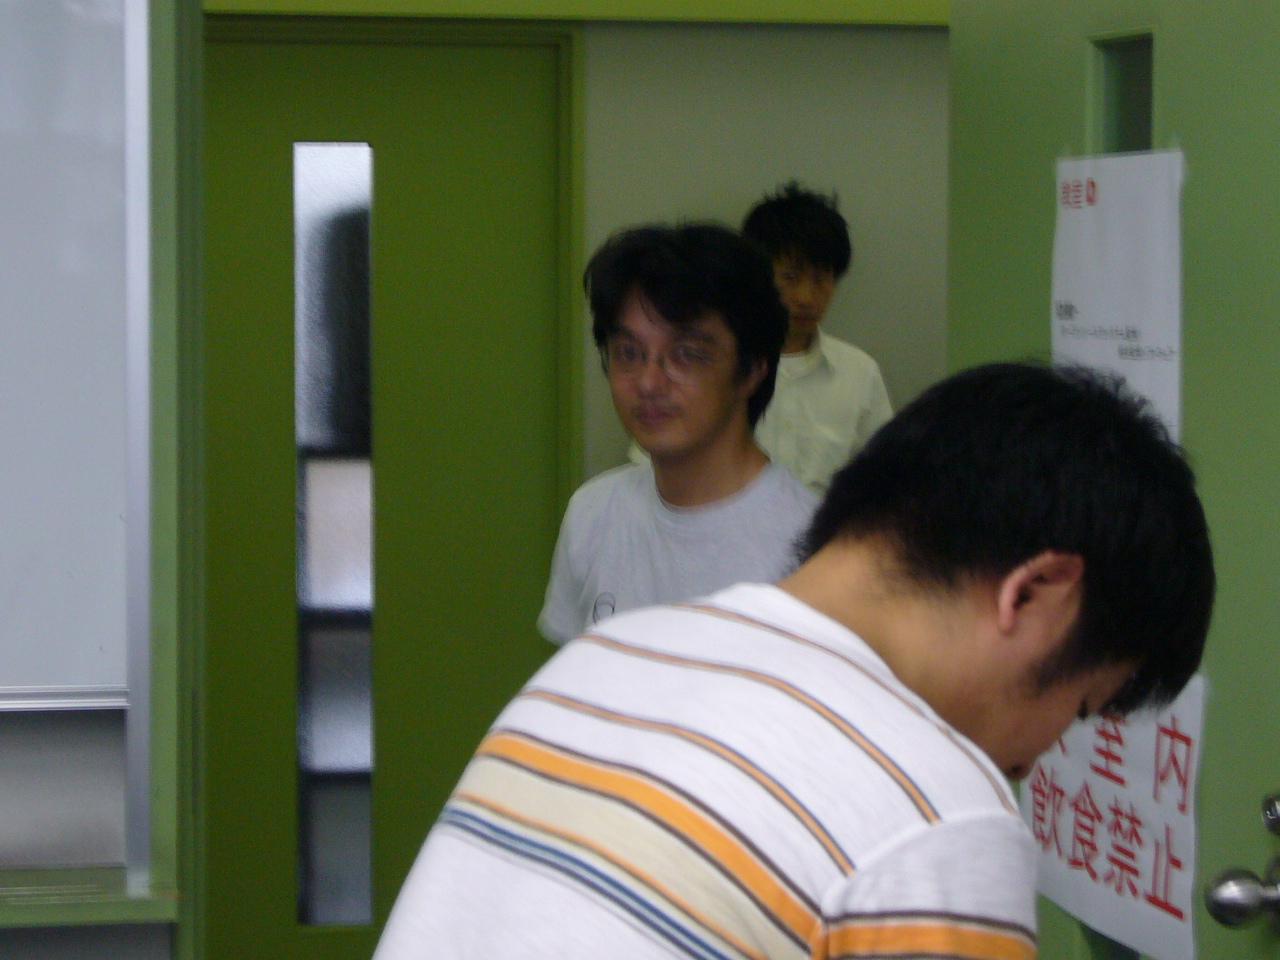 オープンソースカンファレンス2008Kansai@Kyoto6